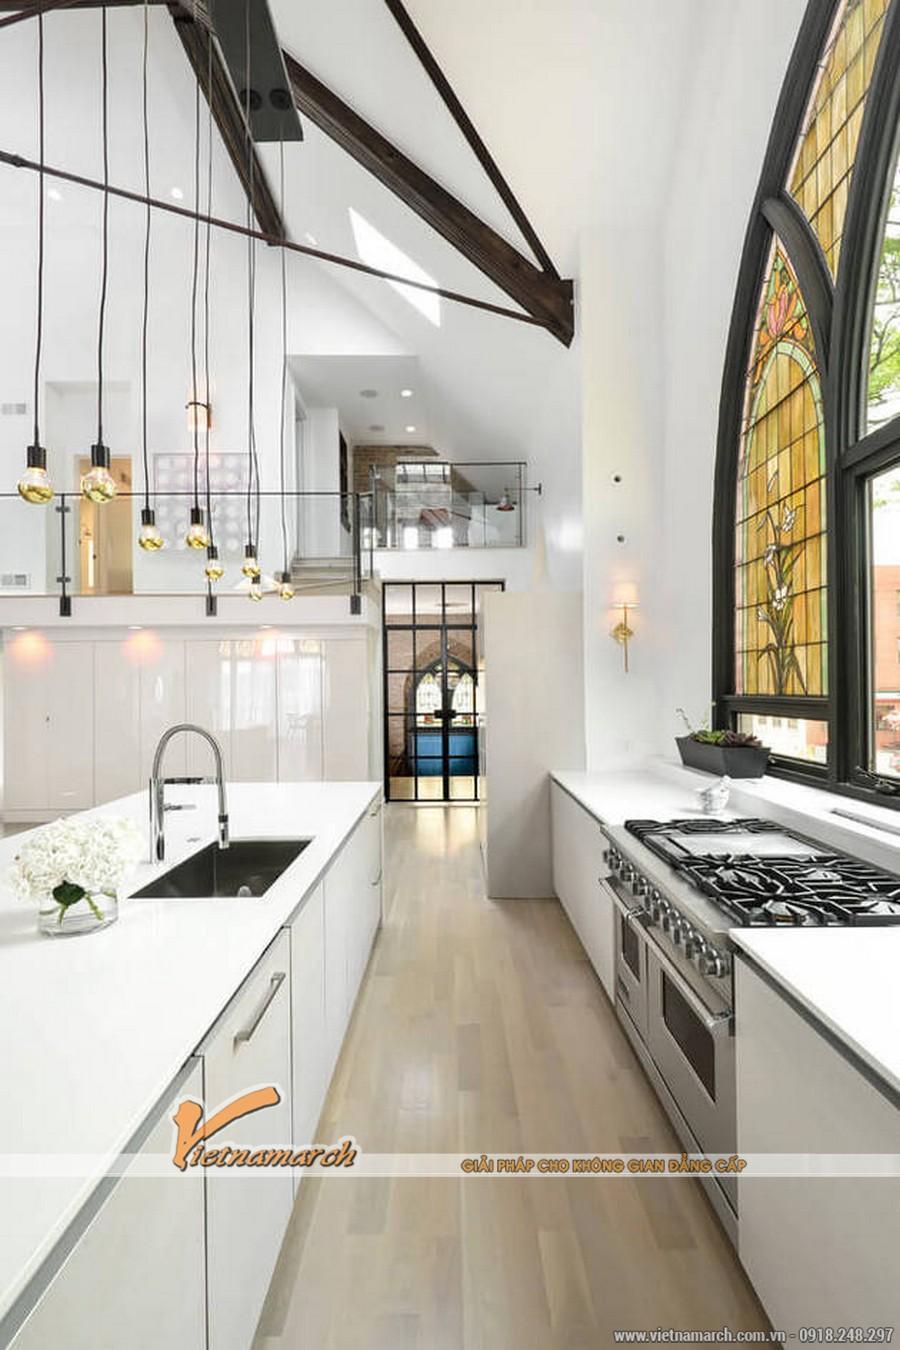 Khu vực nấu ăn và bục rửa thiết kế hiện đại